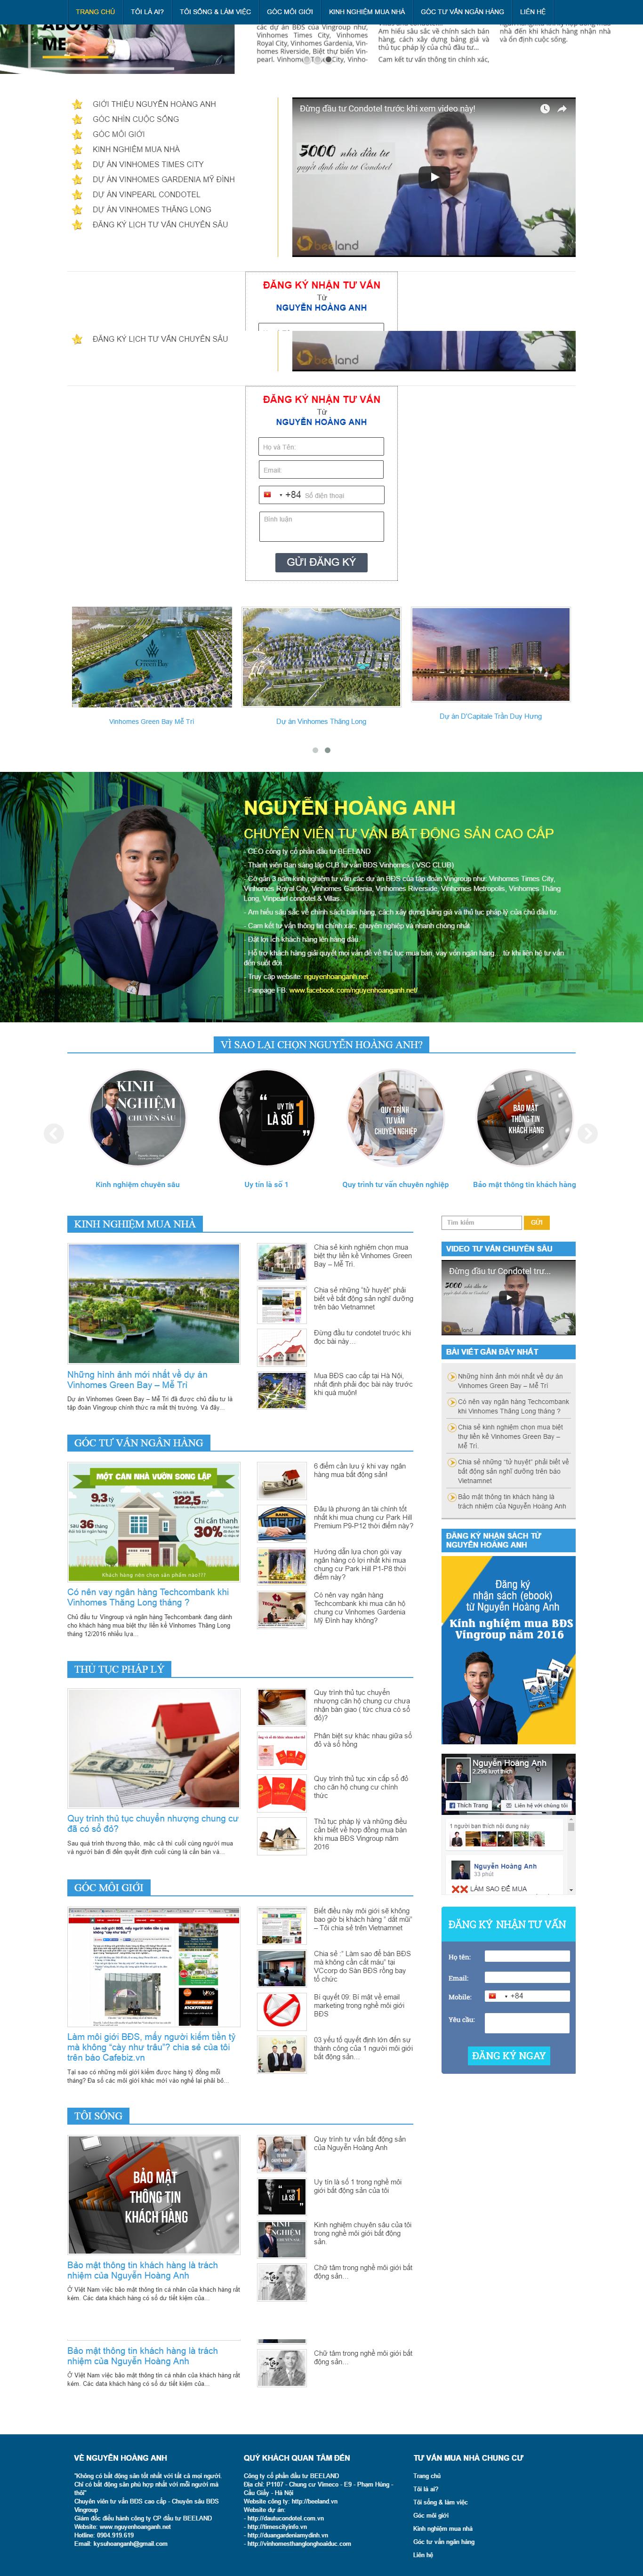 Giao diện website Bất động sản Z - 68